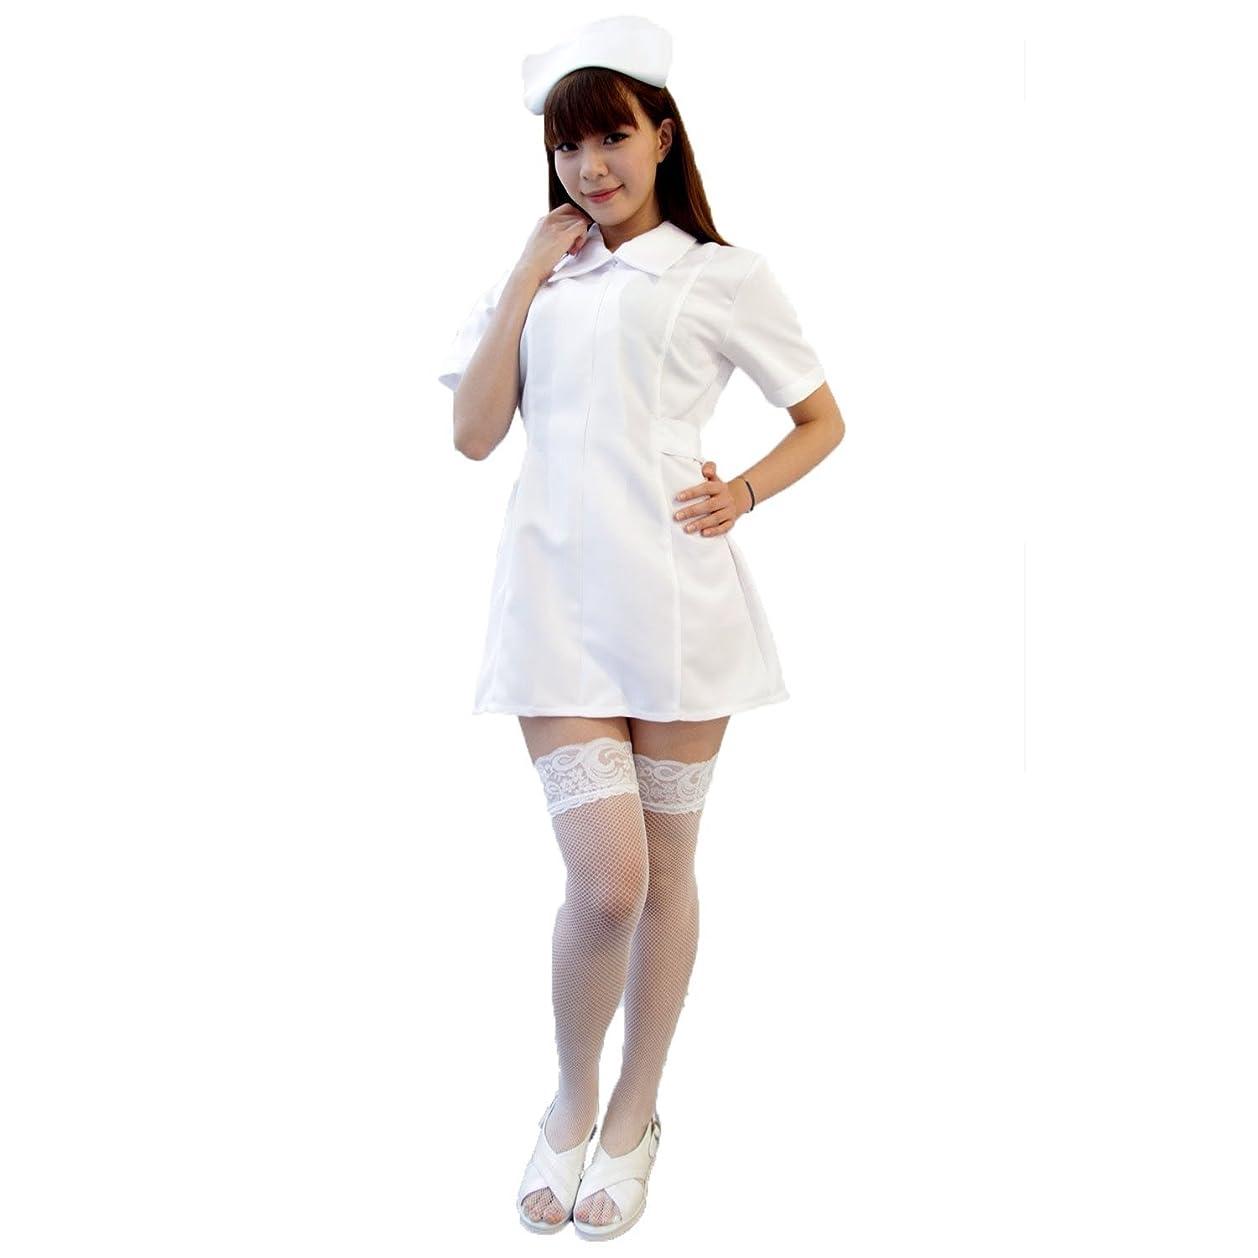 緯度愛延ばす白衣の天使ナース服 コスチューム 白 レディース